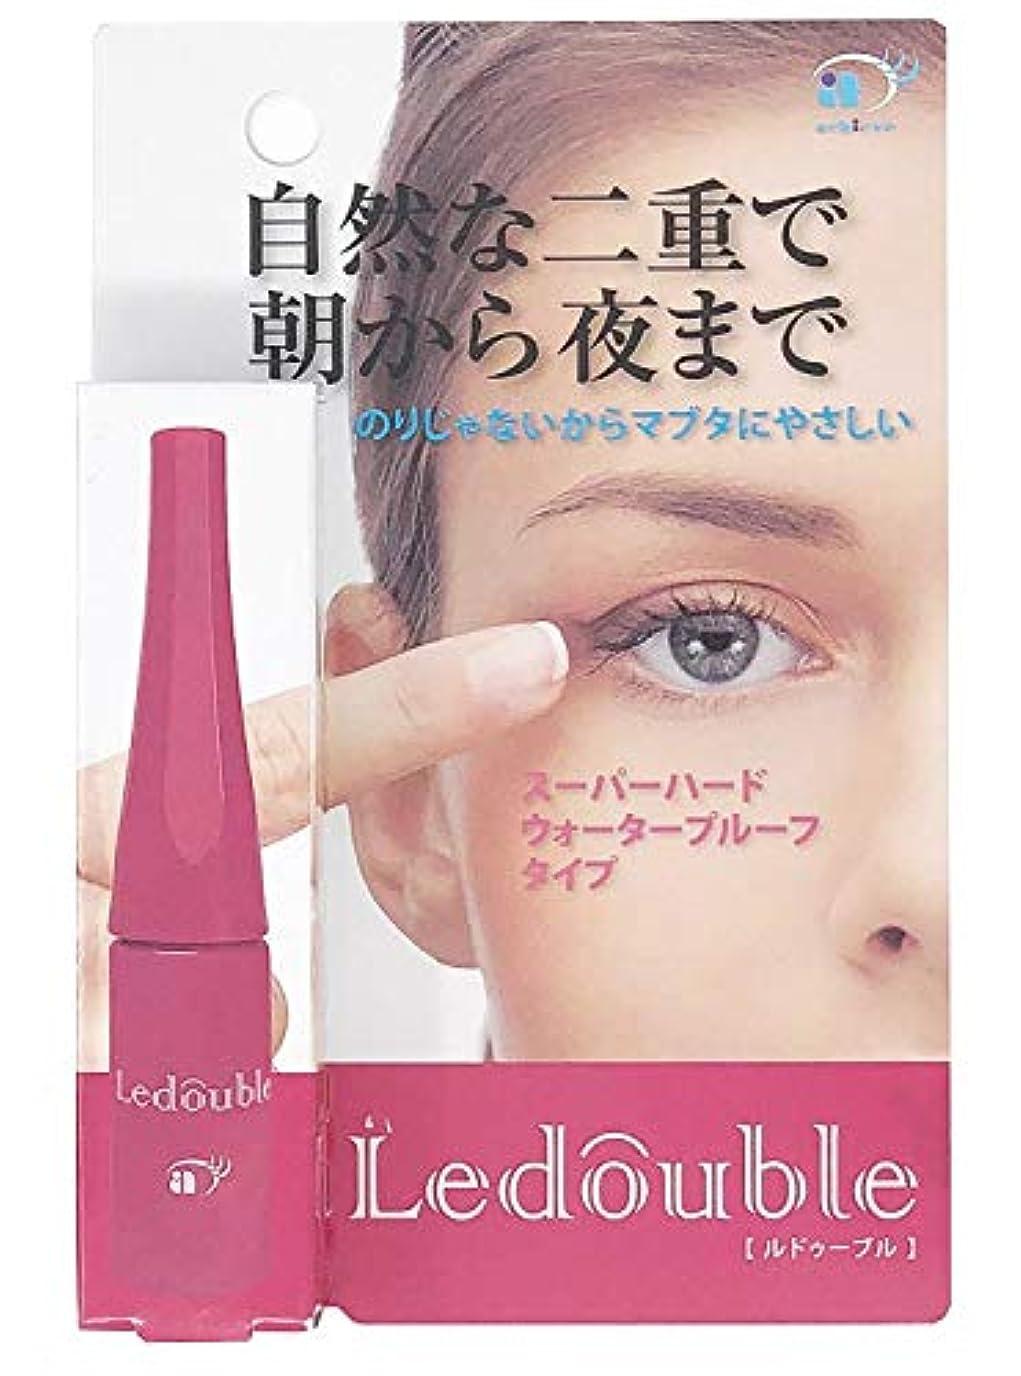 ミル突撃収益Ledouble【ルドゥーブル】二重まぶた化粧品(4mL)